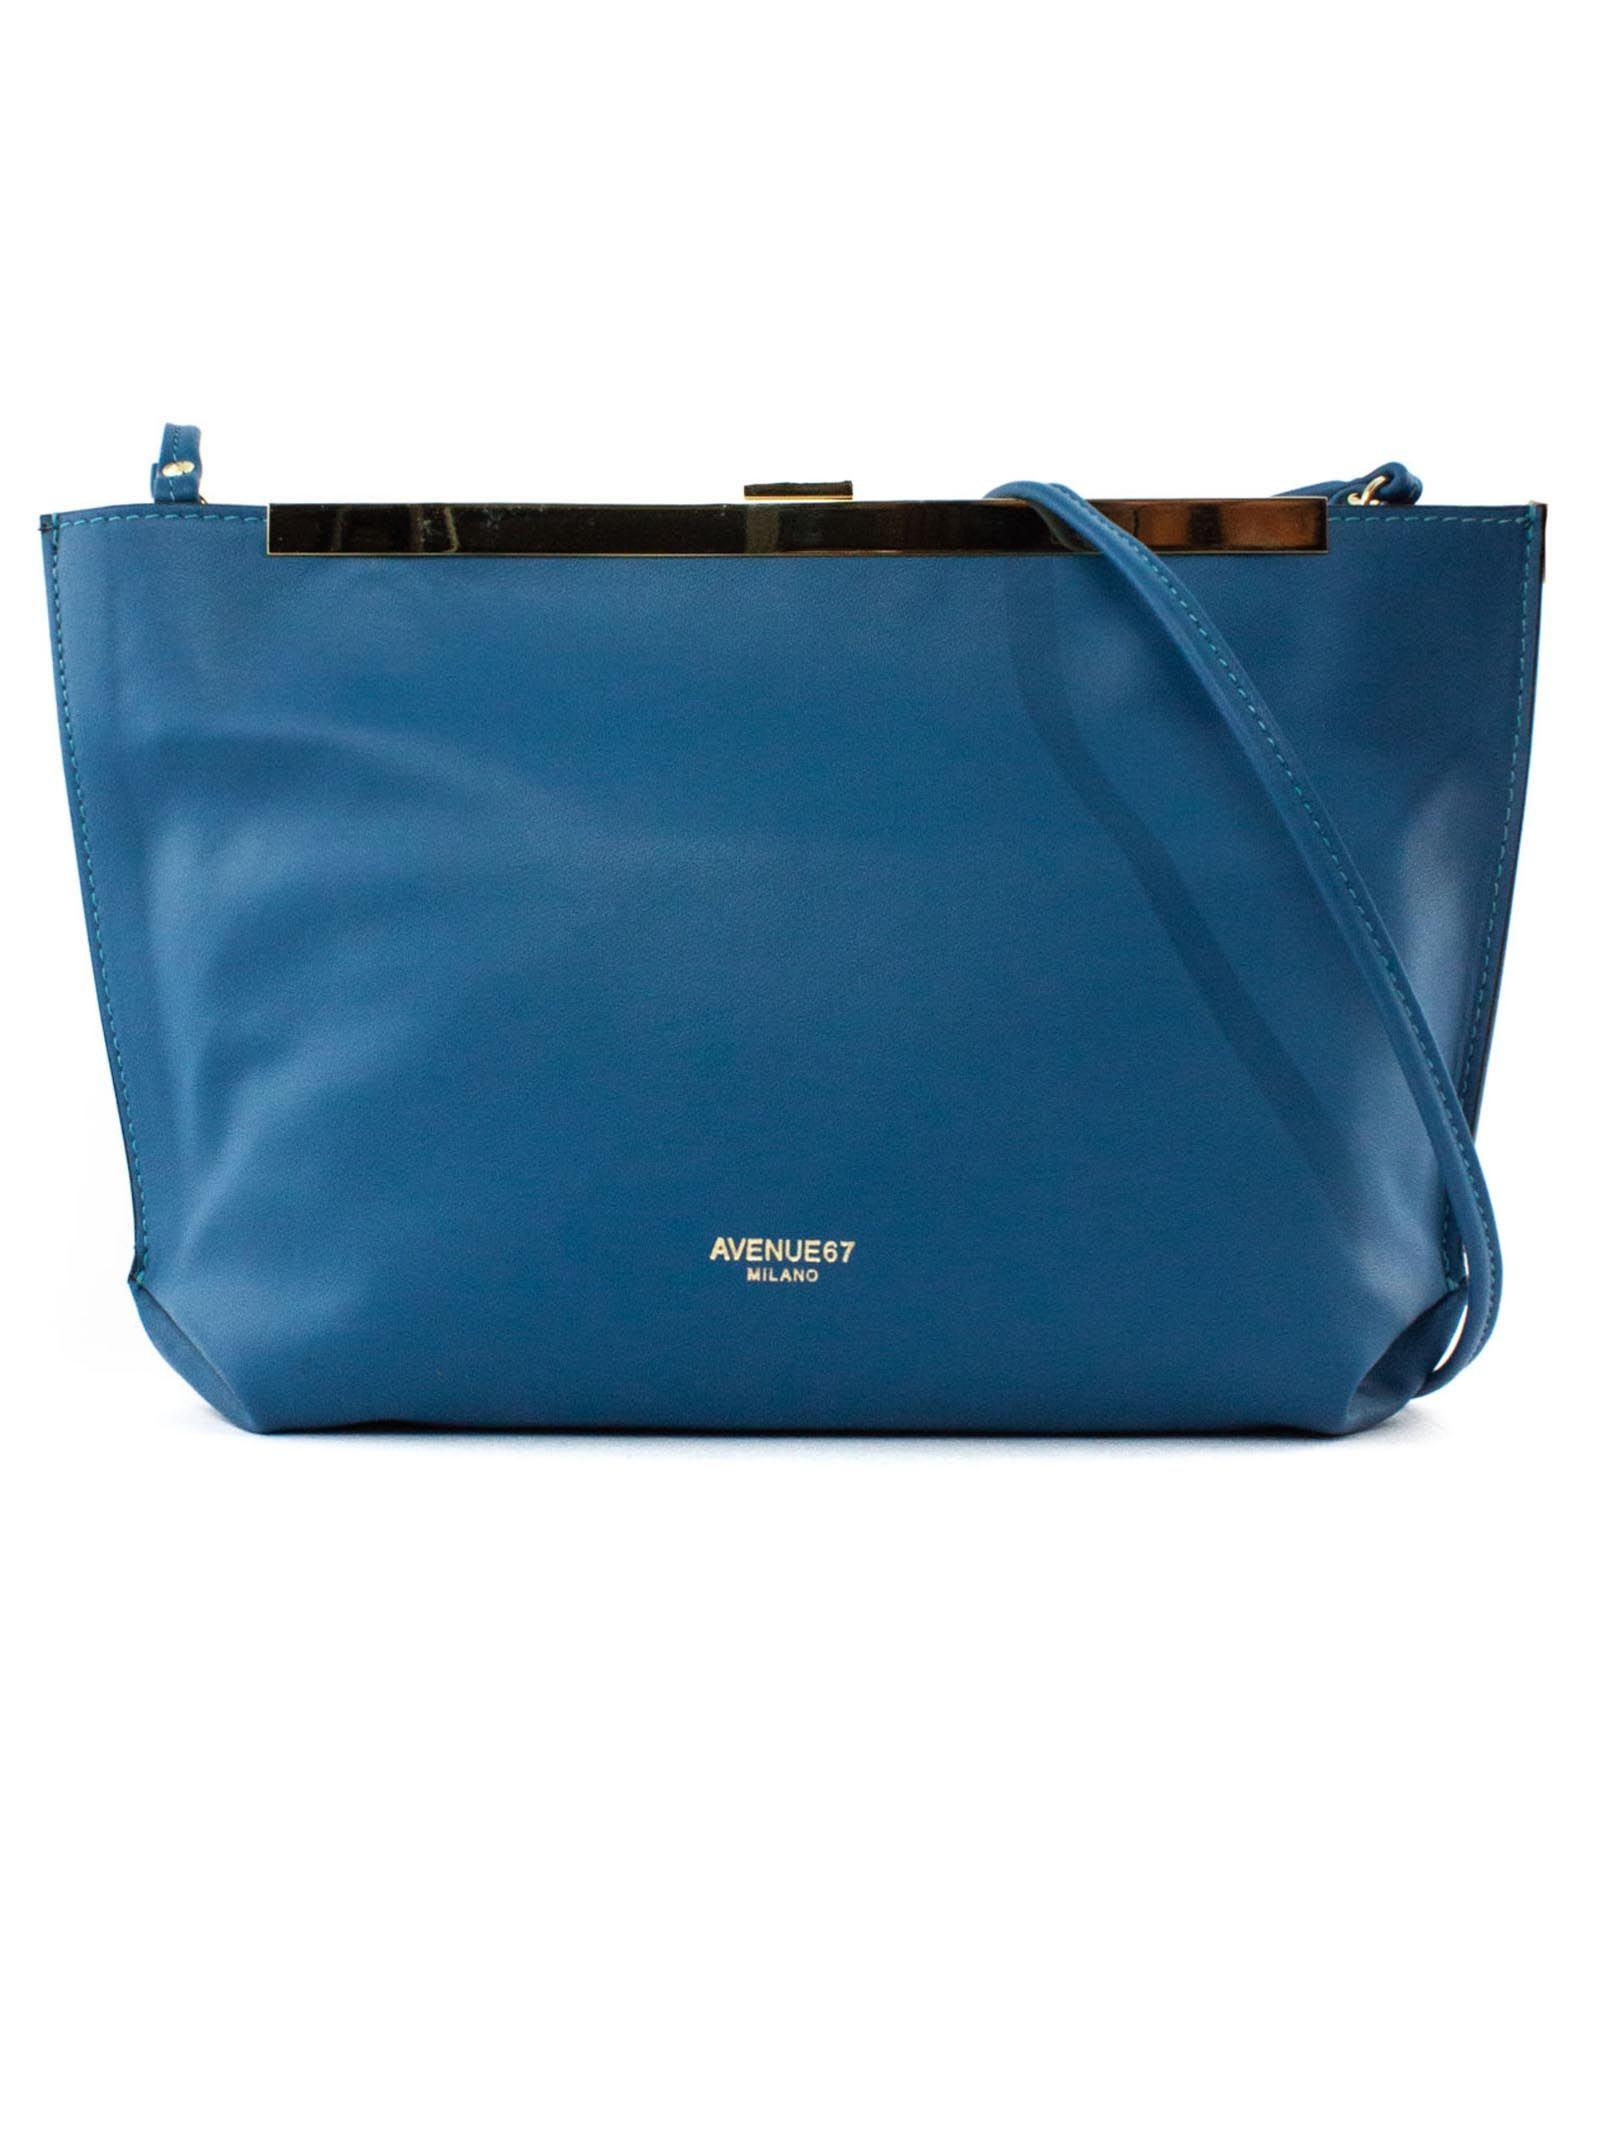 Guia Clutch In Blue Soft Leather